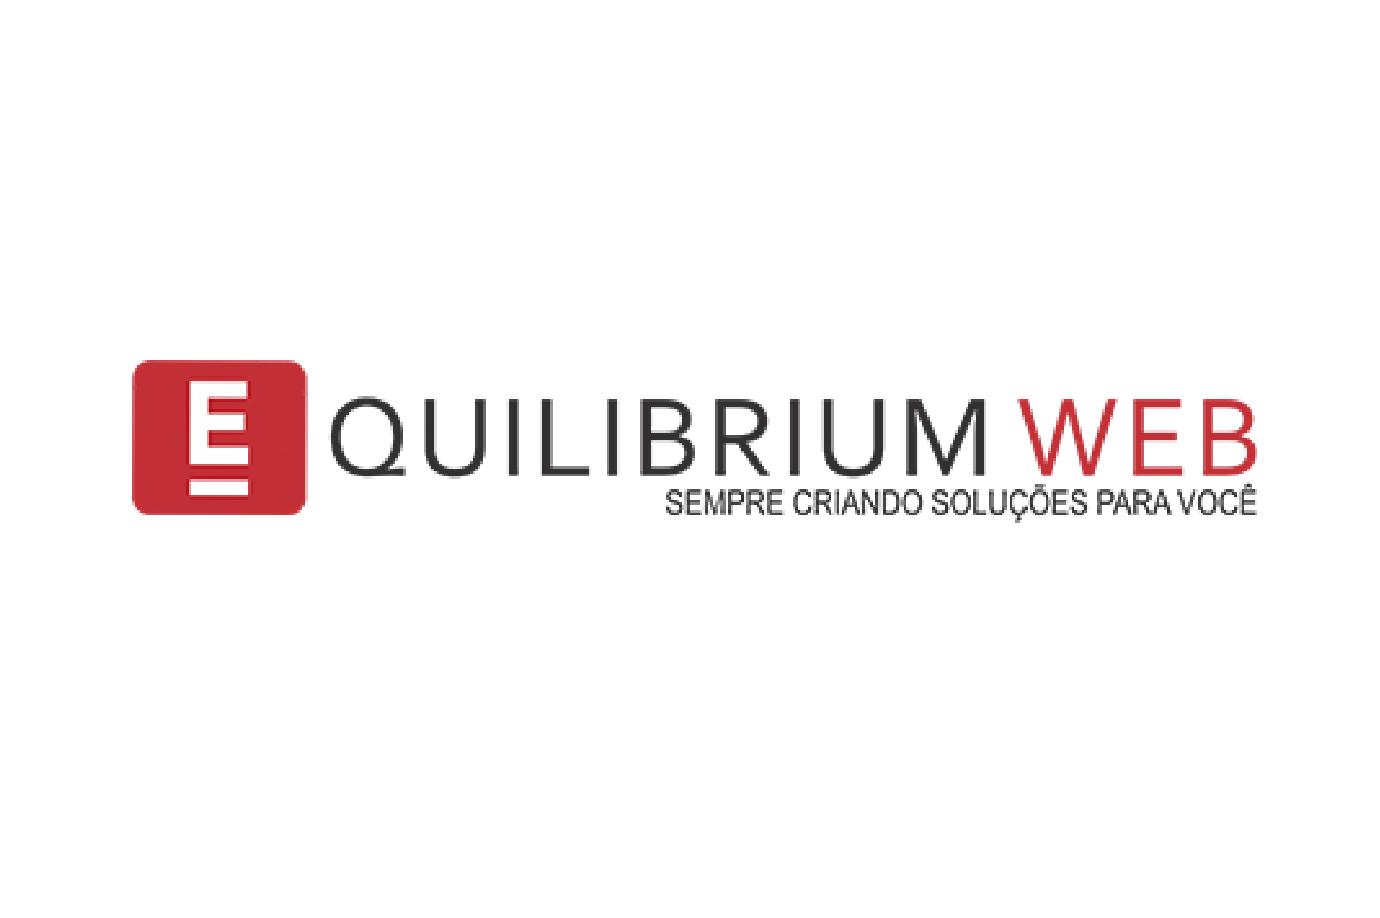 equilibriumweb-63